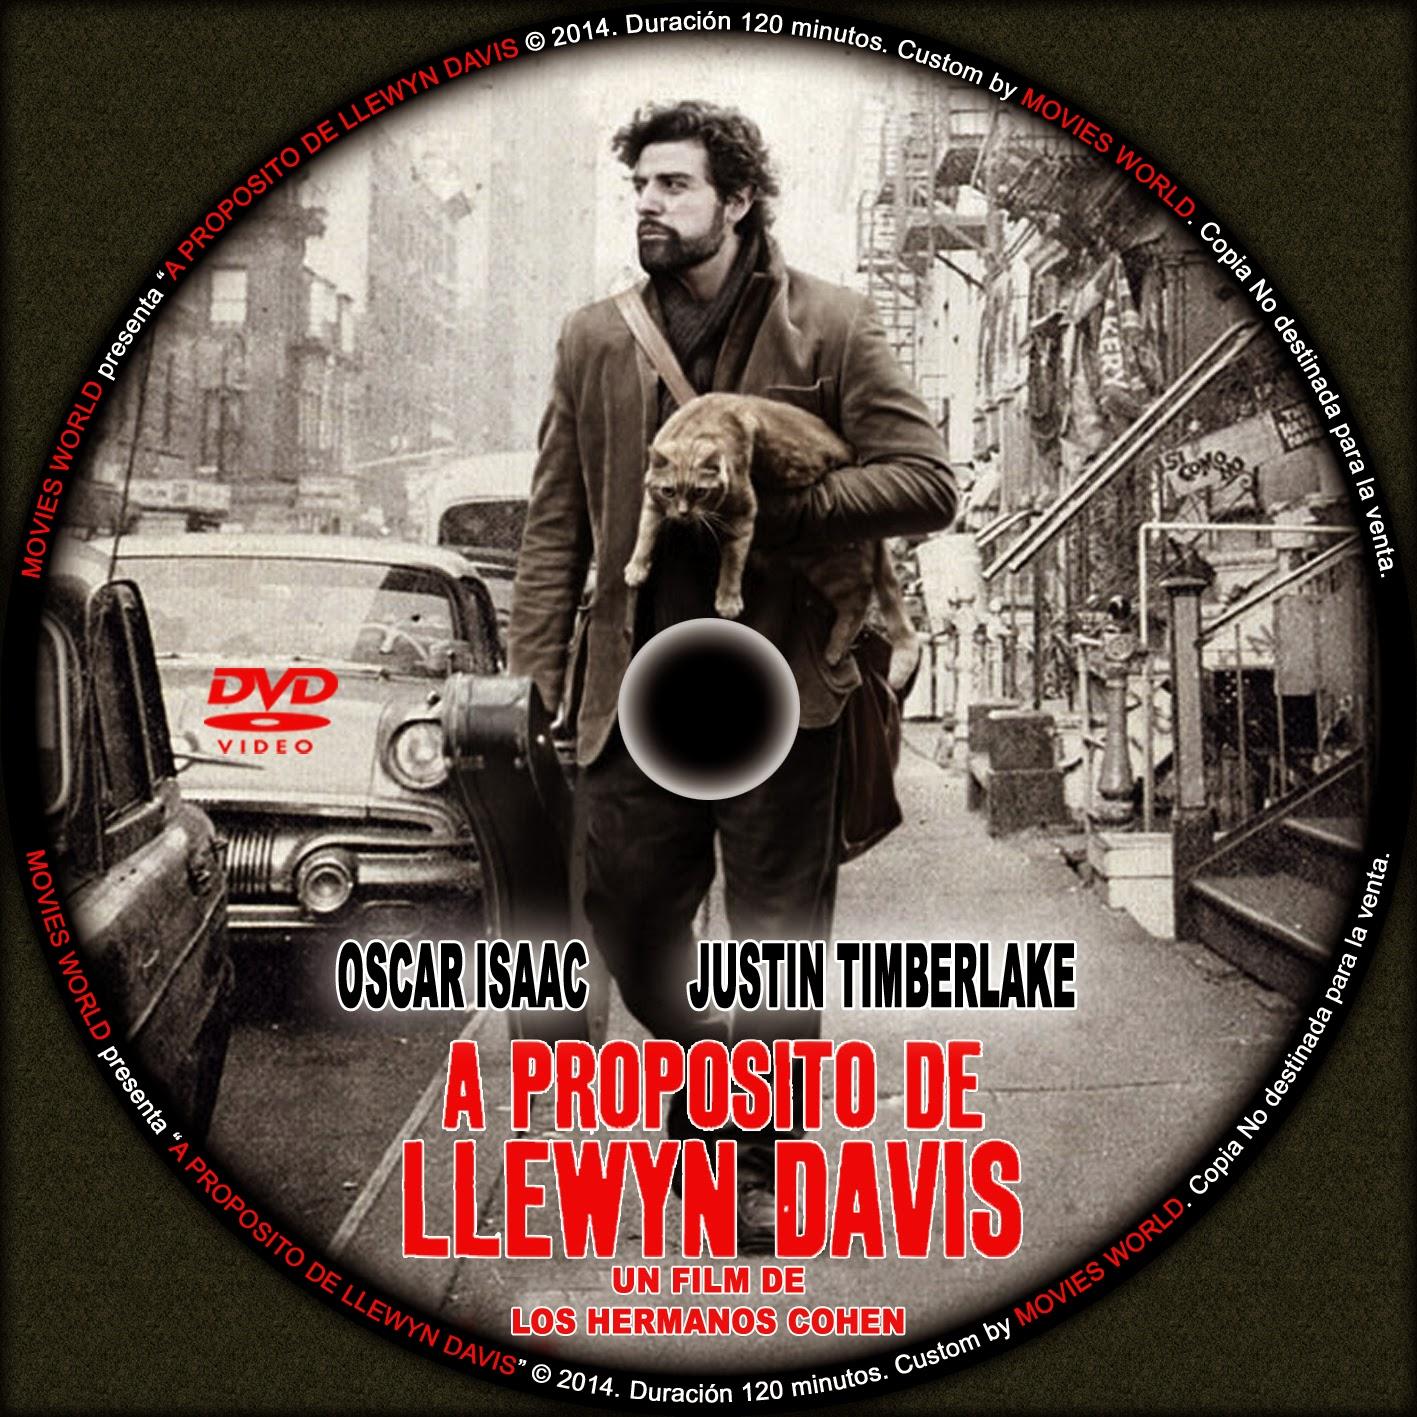 Inside llewyn davis dvd